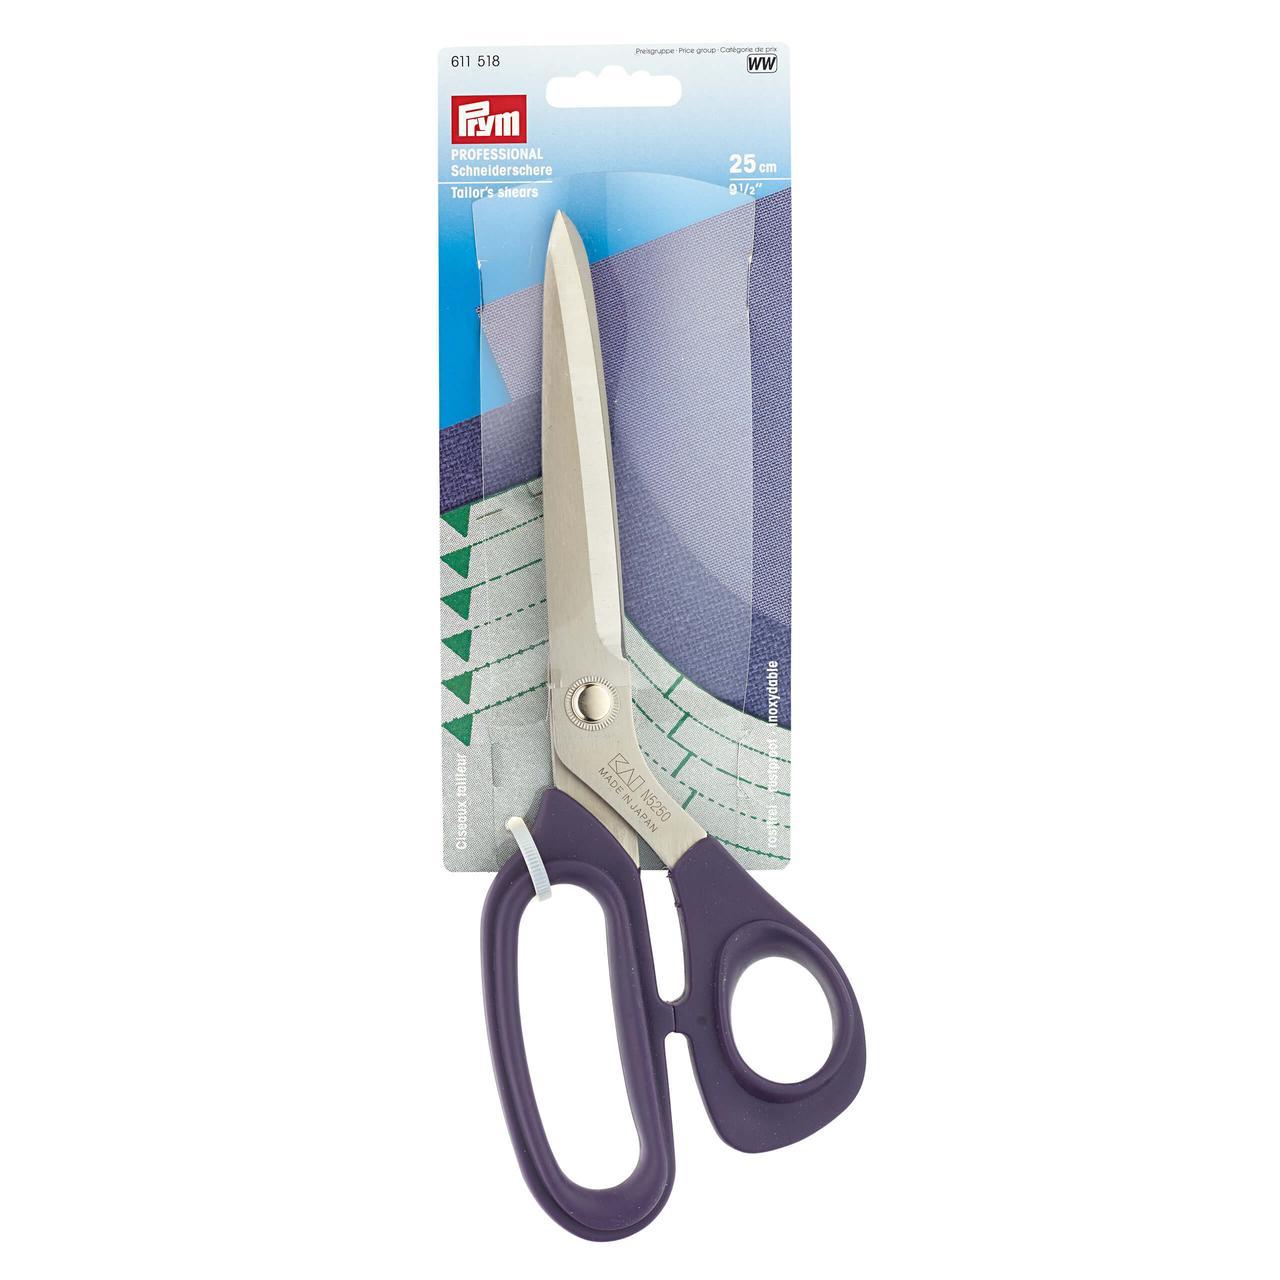 Ножницы Prym 611518 «Professional», портновские 25 см